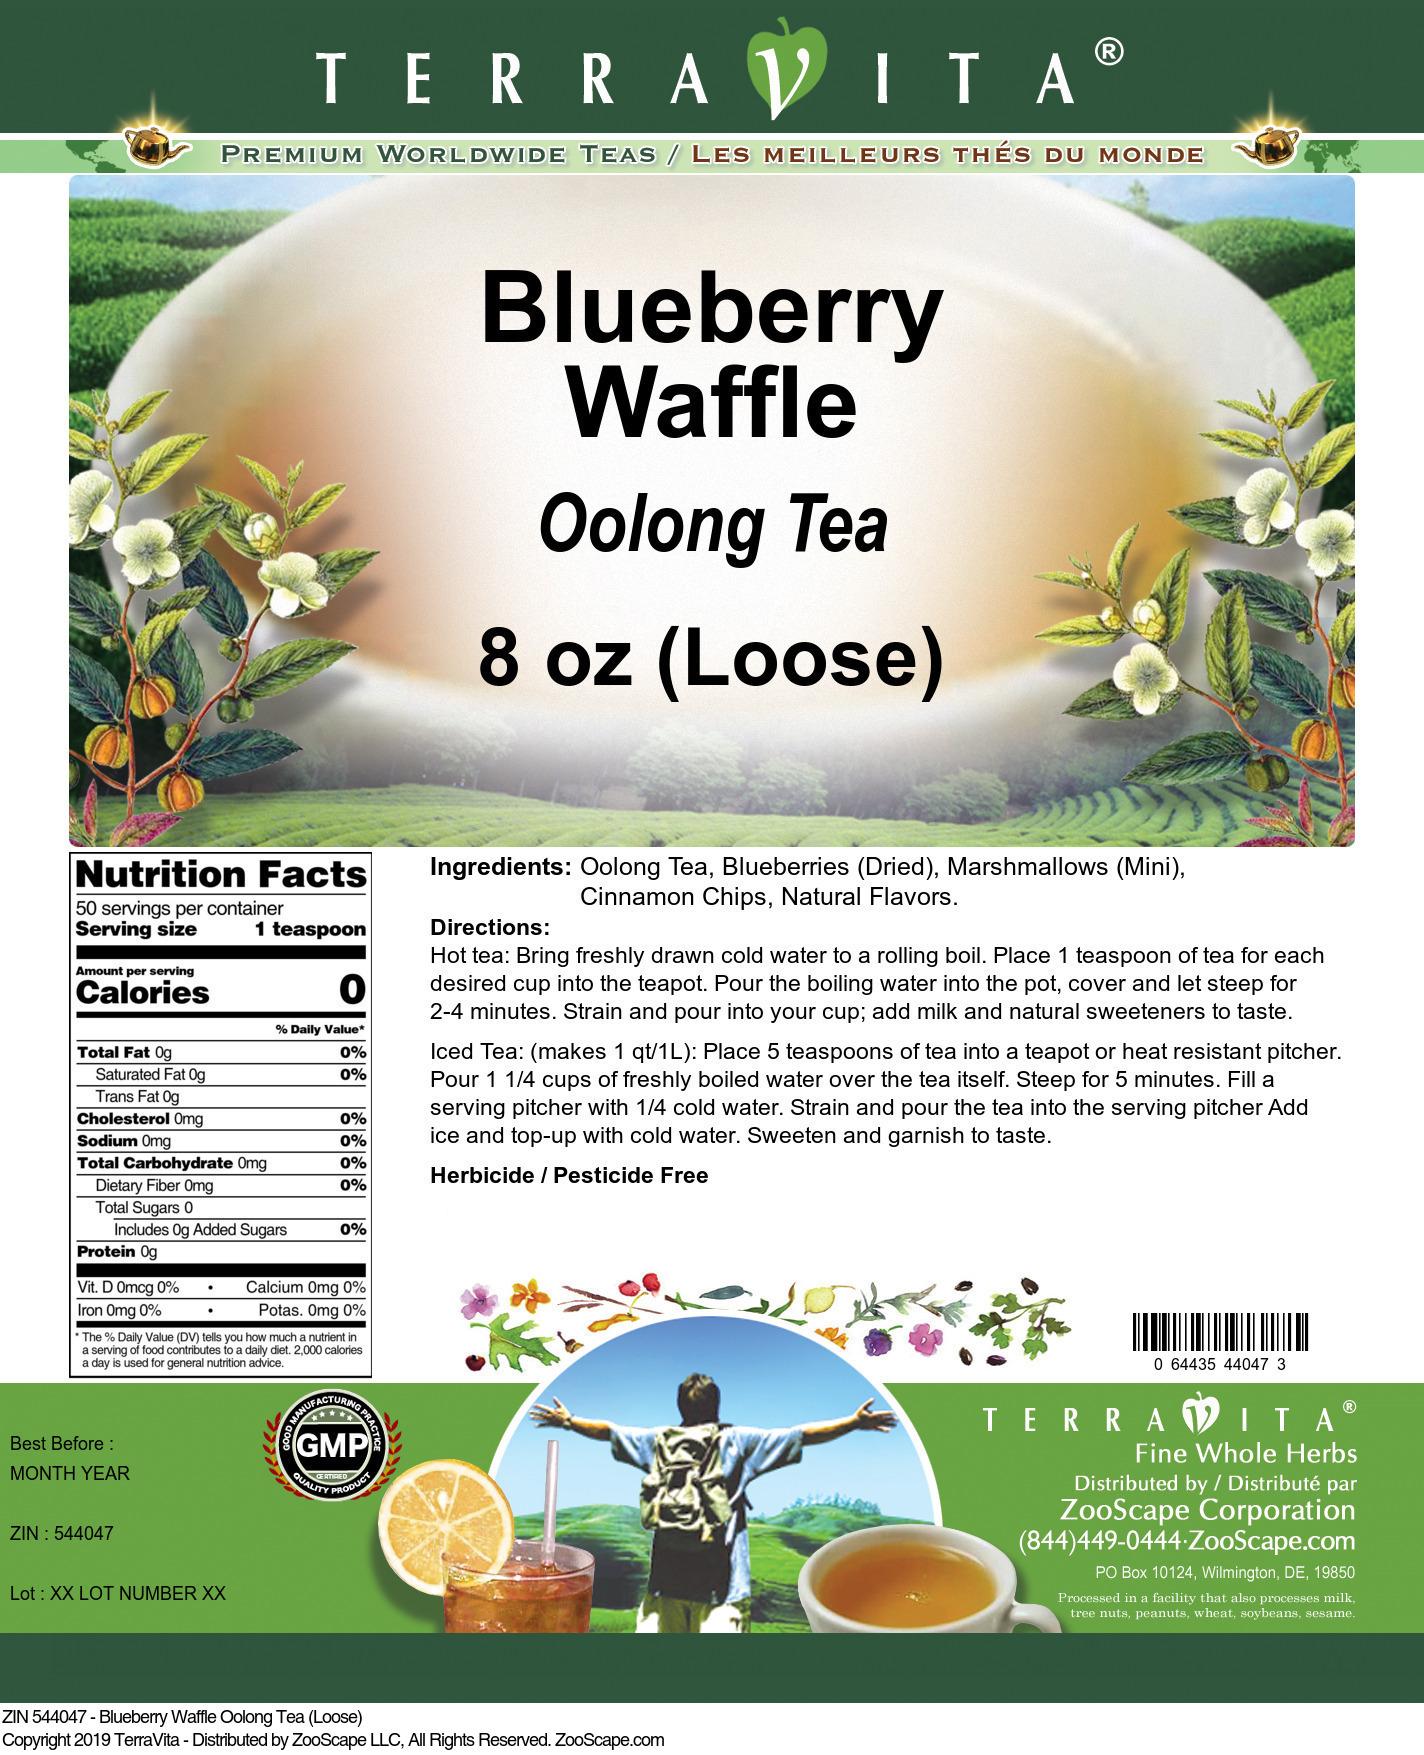 Blueberry Waffle Oolong Tea